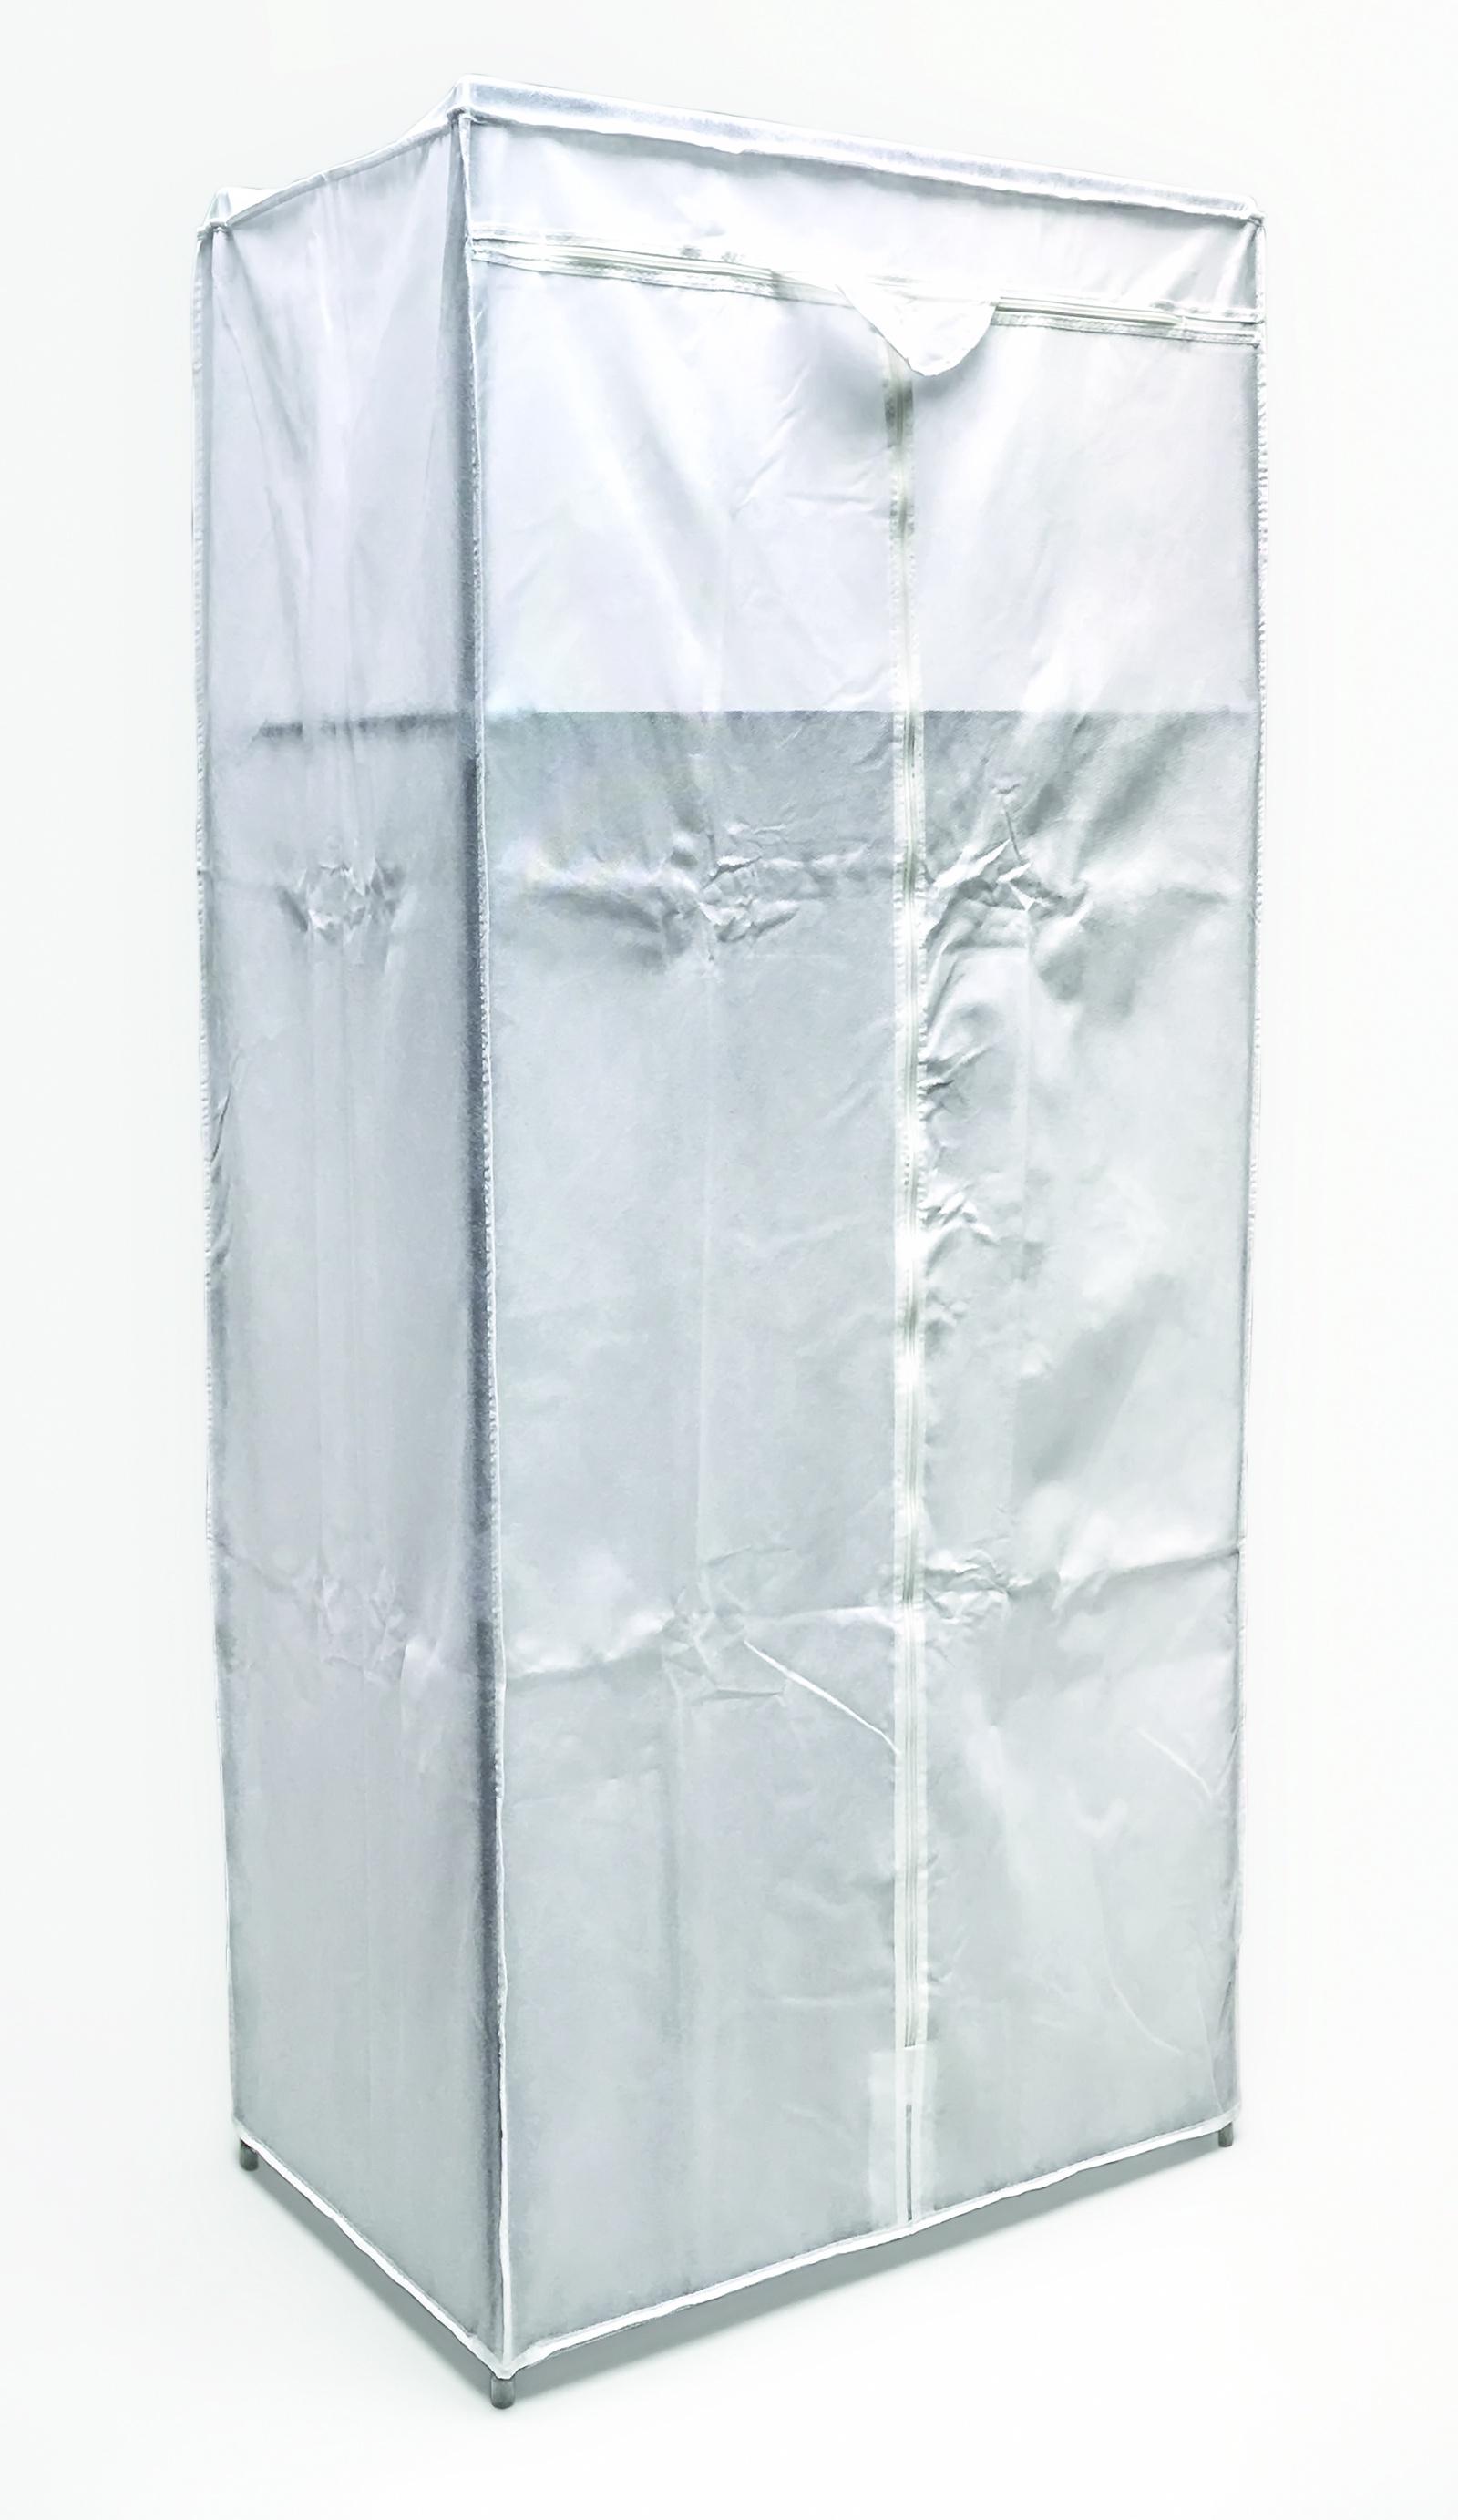 BELLACASA  Шкаф для одежды с планкой и дополнительной полочкой, размер 70 x 46 x 154 см, Нетканный материал (Полиэстер), прочный, стальной, разборный каркас. (8009)